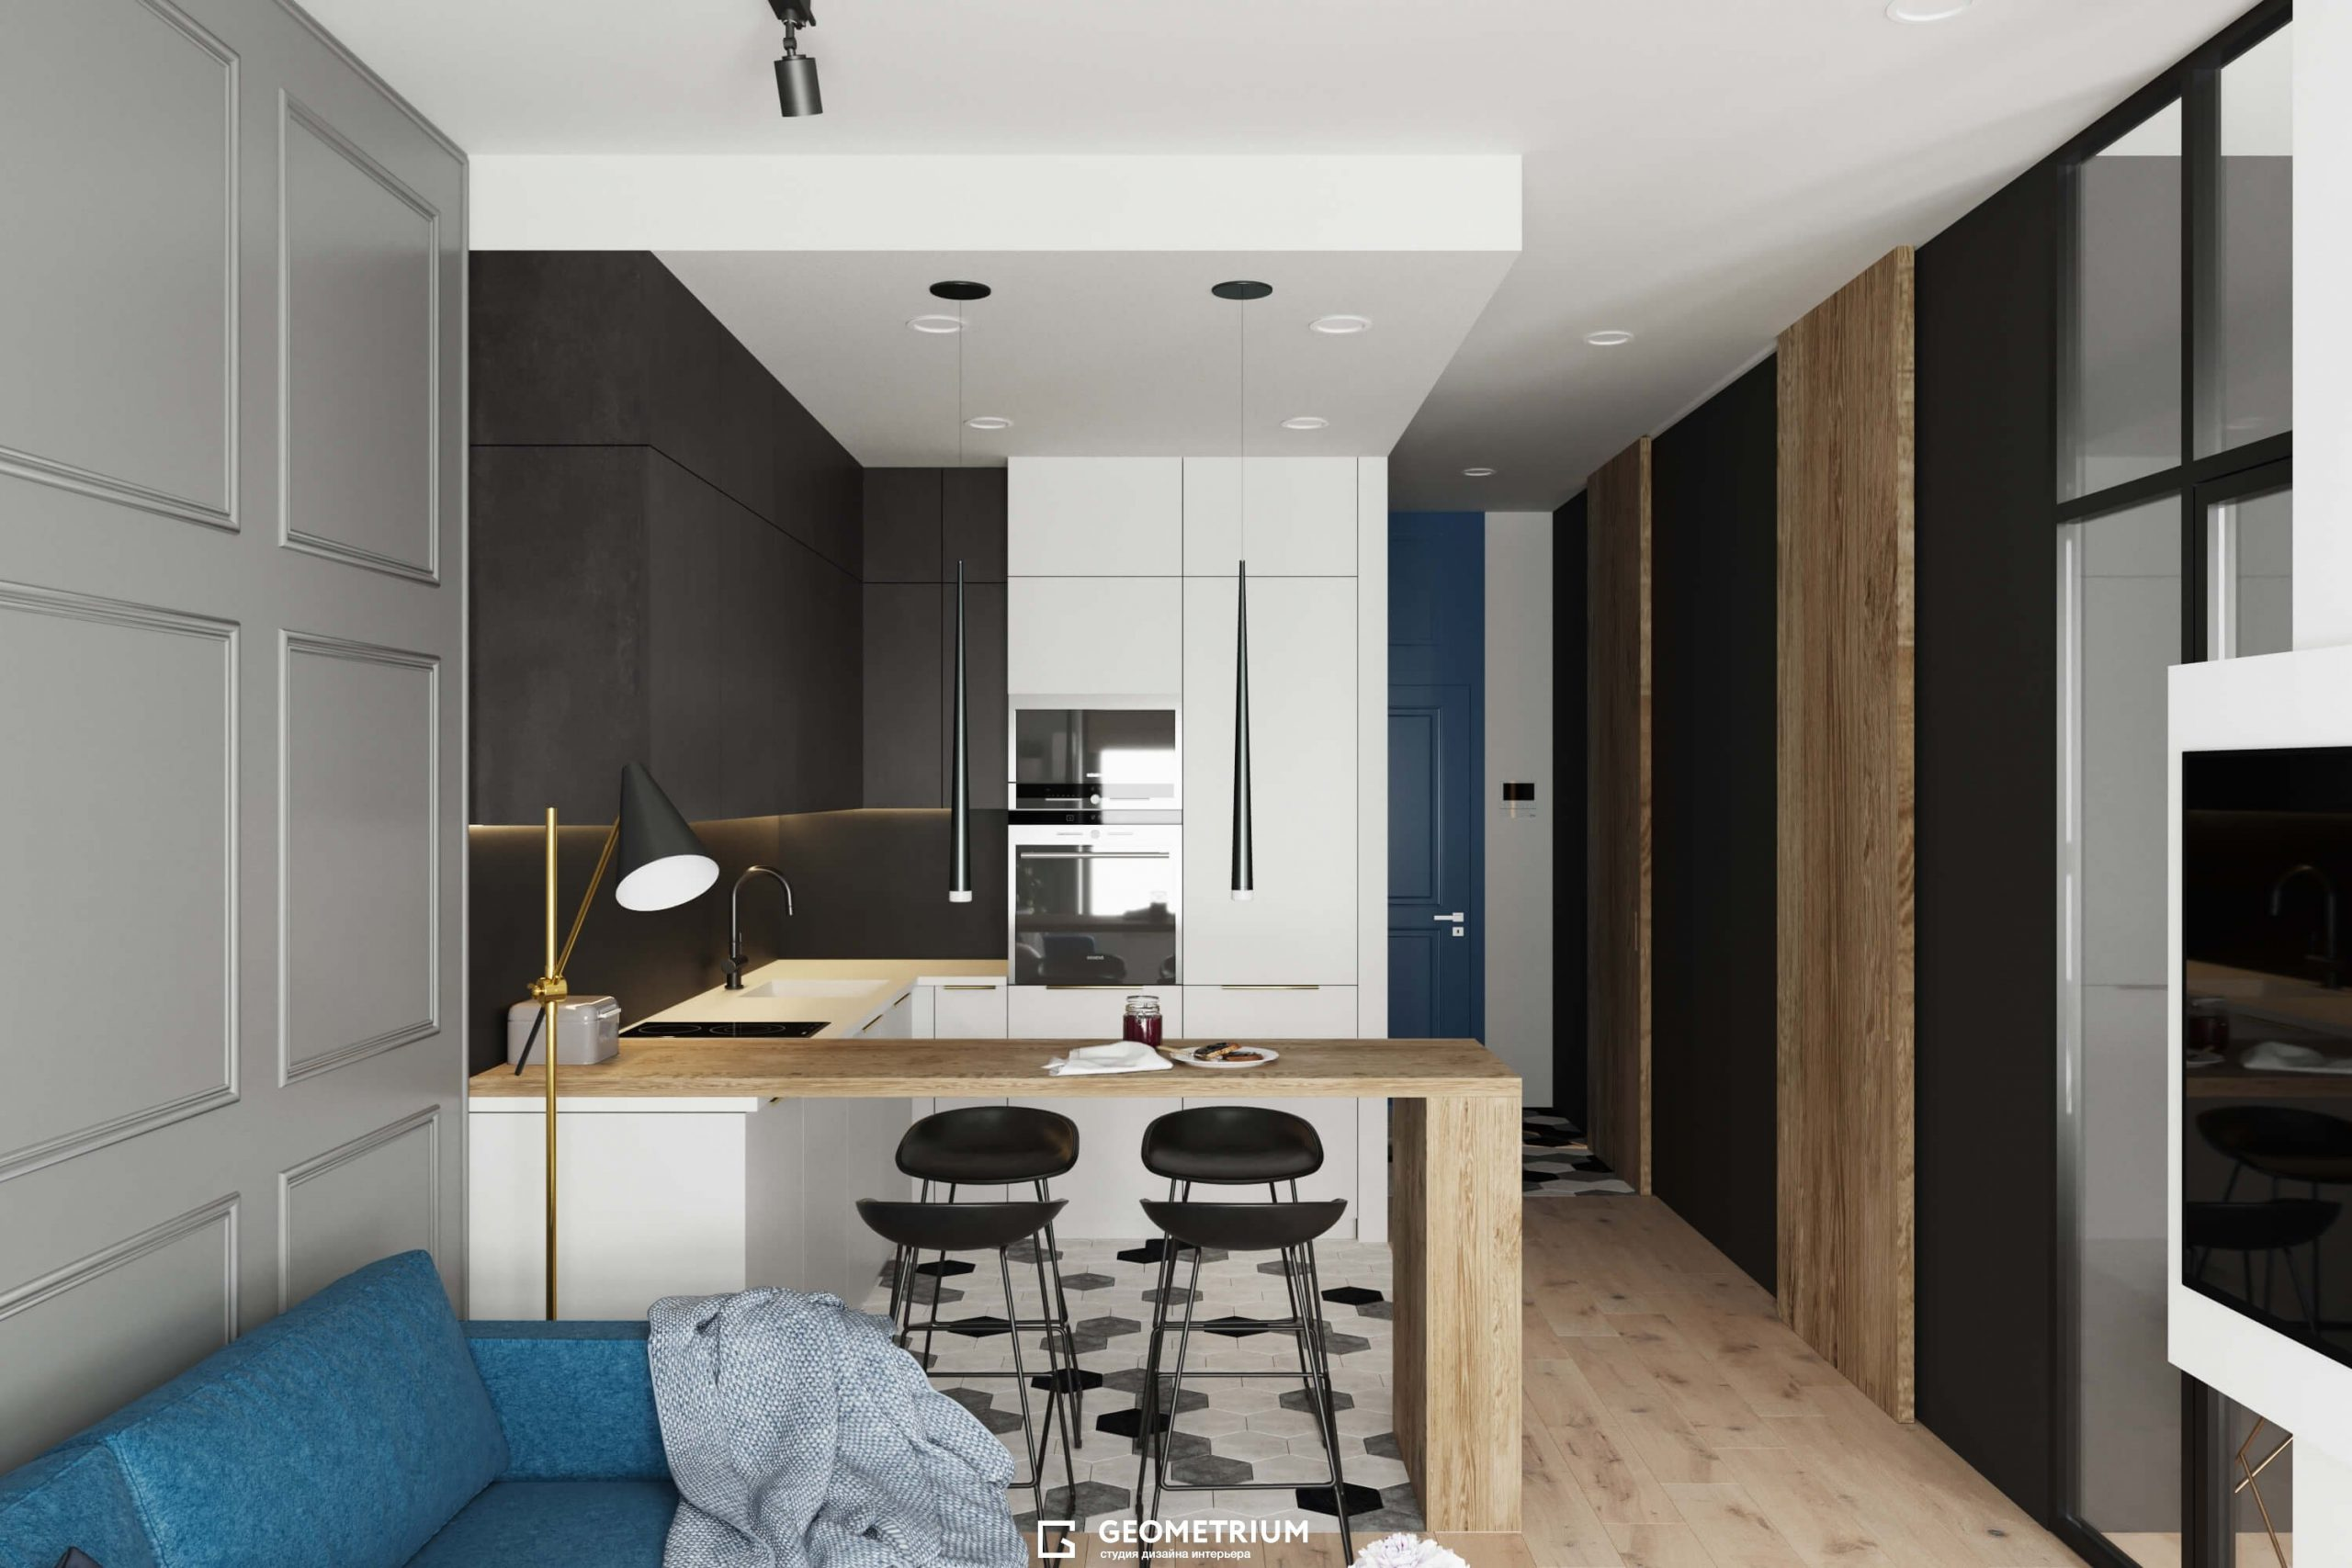 Как дизайн интерьера помогает продать жилую недвижимость: советы дизайнера интерьера